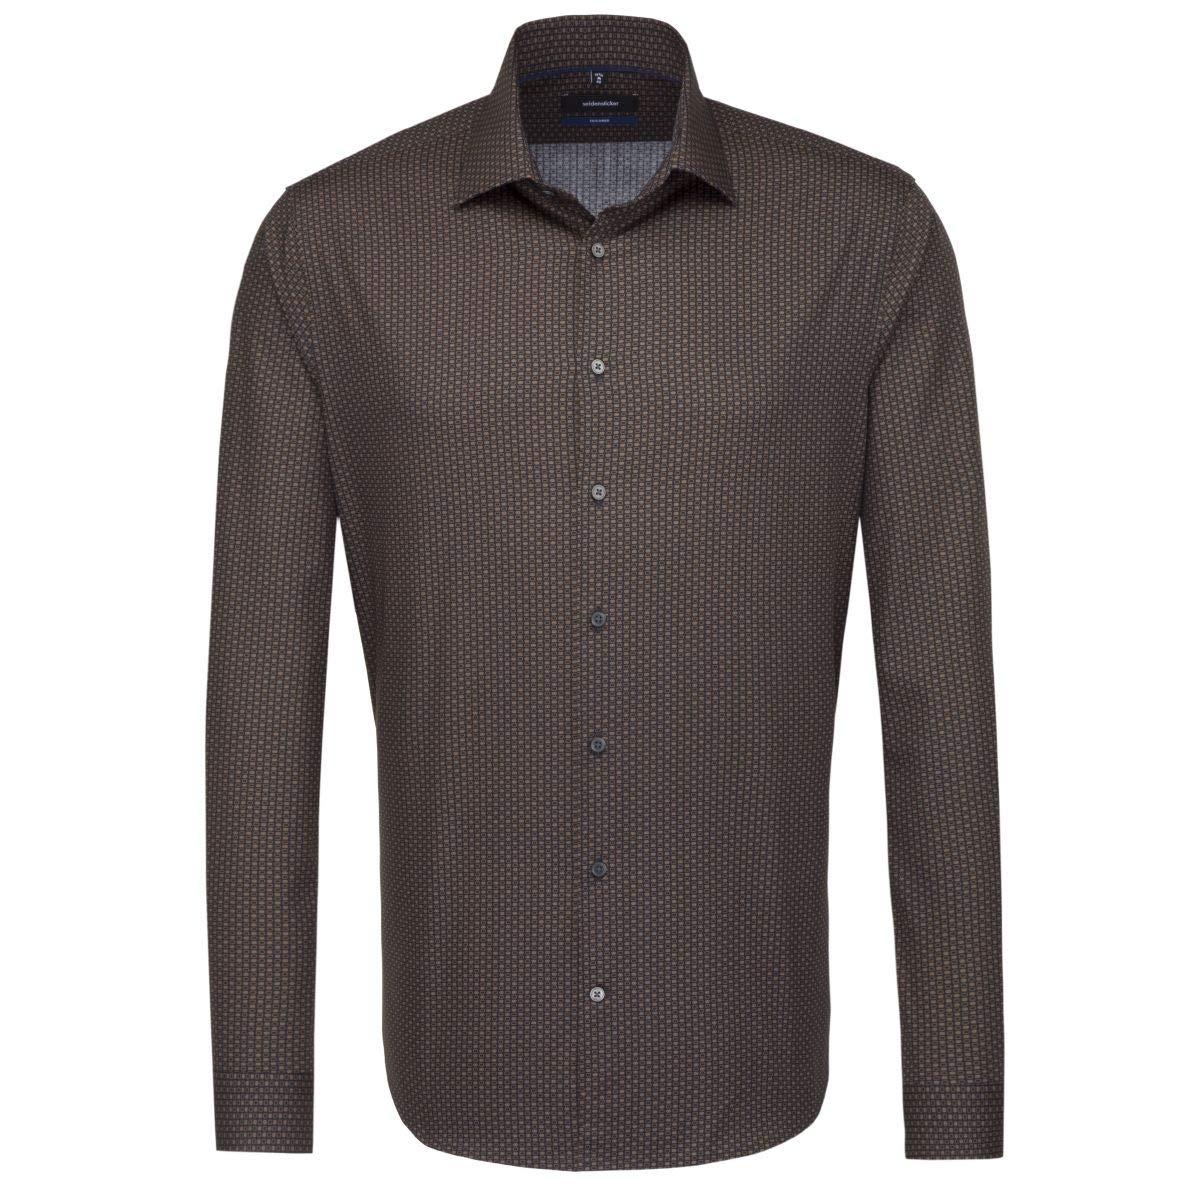 TALLA 46. Seidensticker Camisa Formal - Clásico - Manga Larga - para Hombre